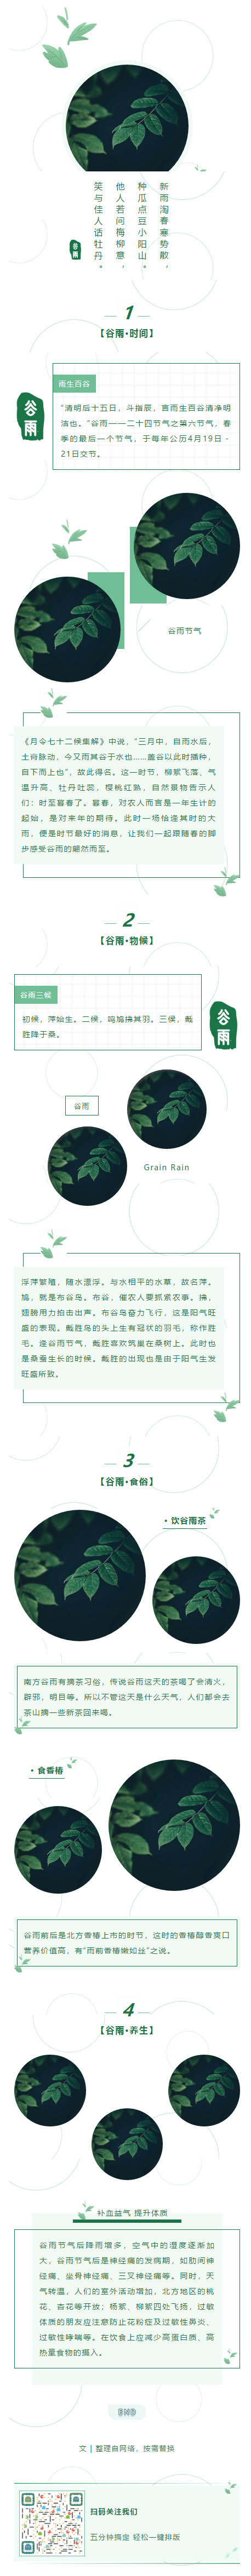 谷雨二十四节气绿色动态背景图片水纹涟漪微信推送图文模板推文素材